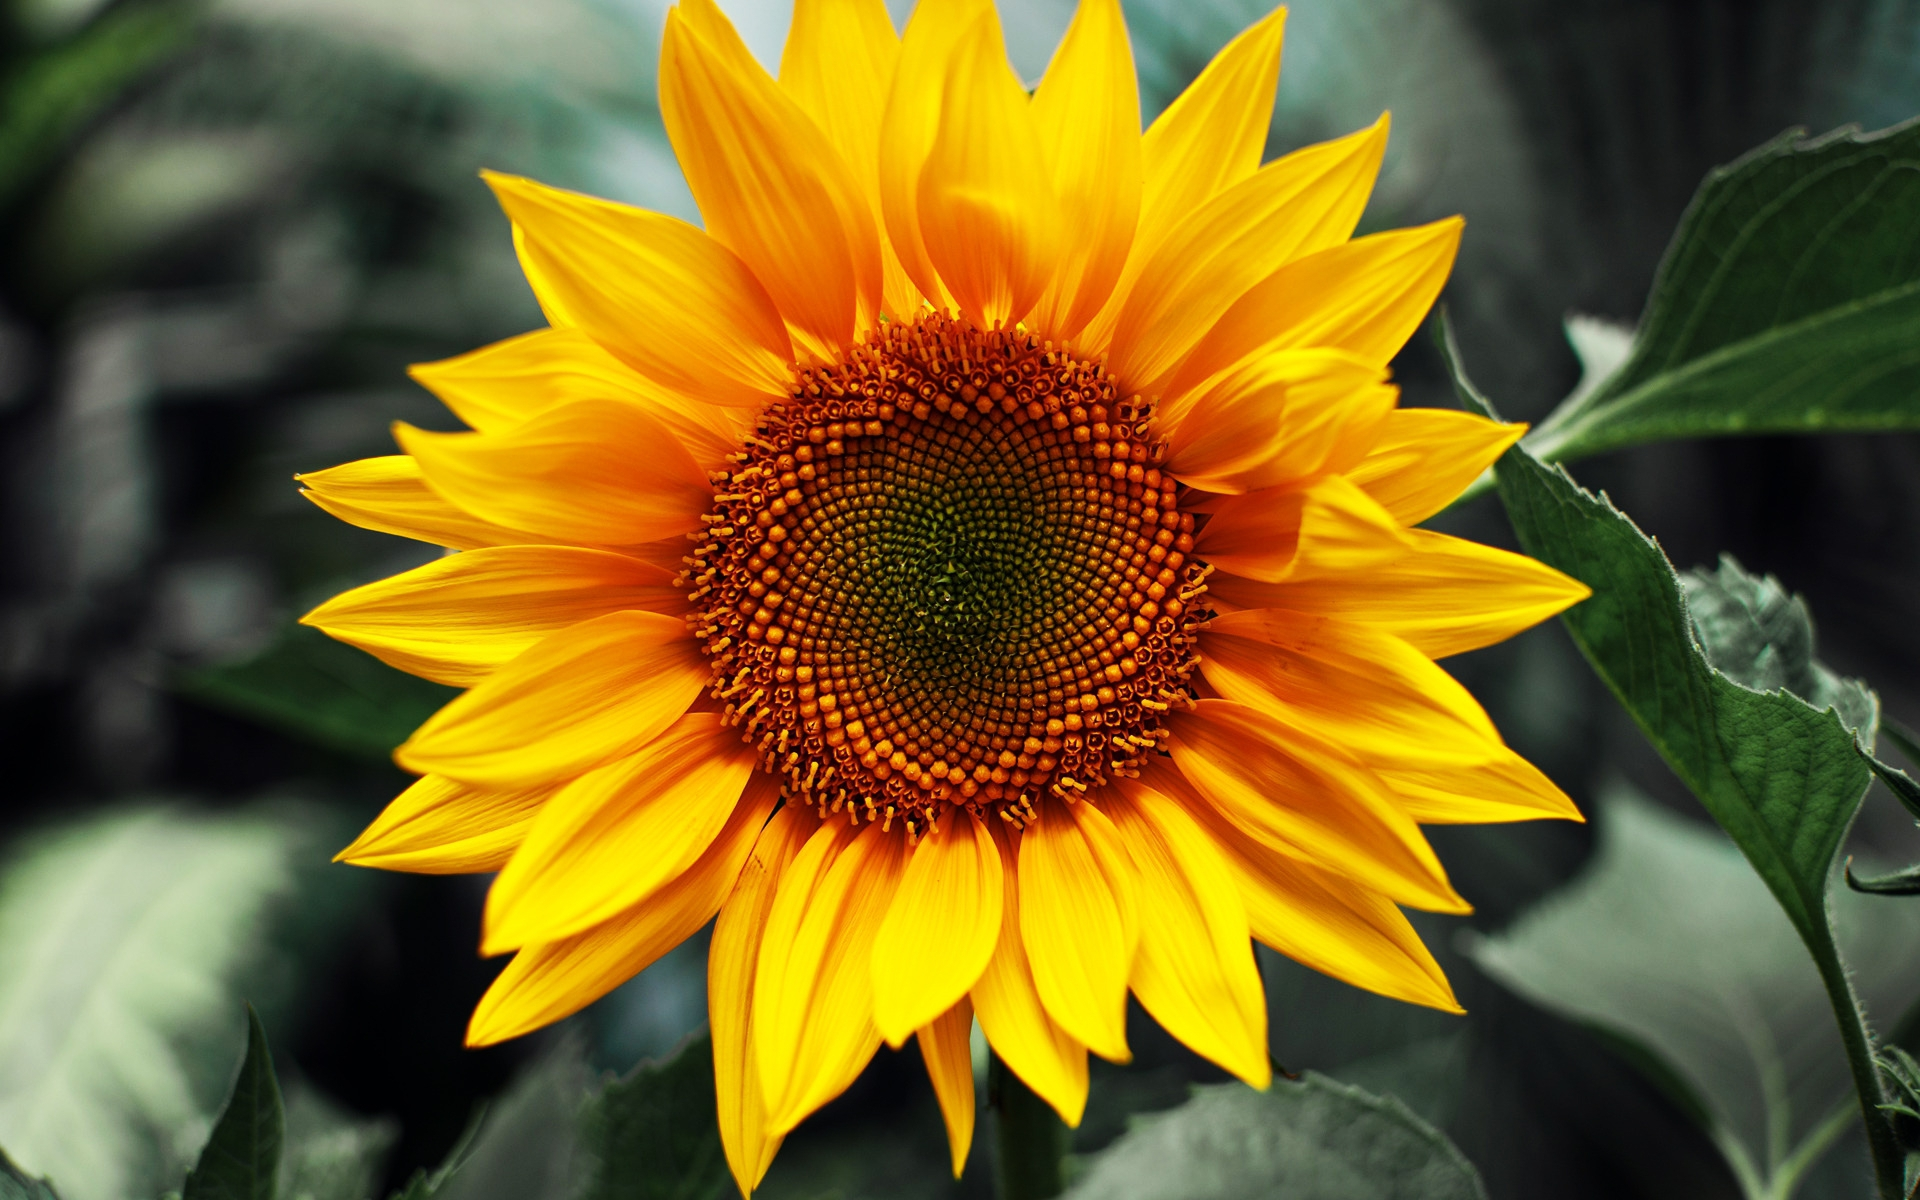 Sunflower Widescreen